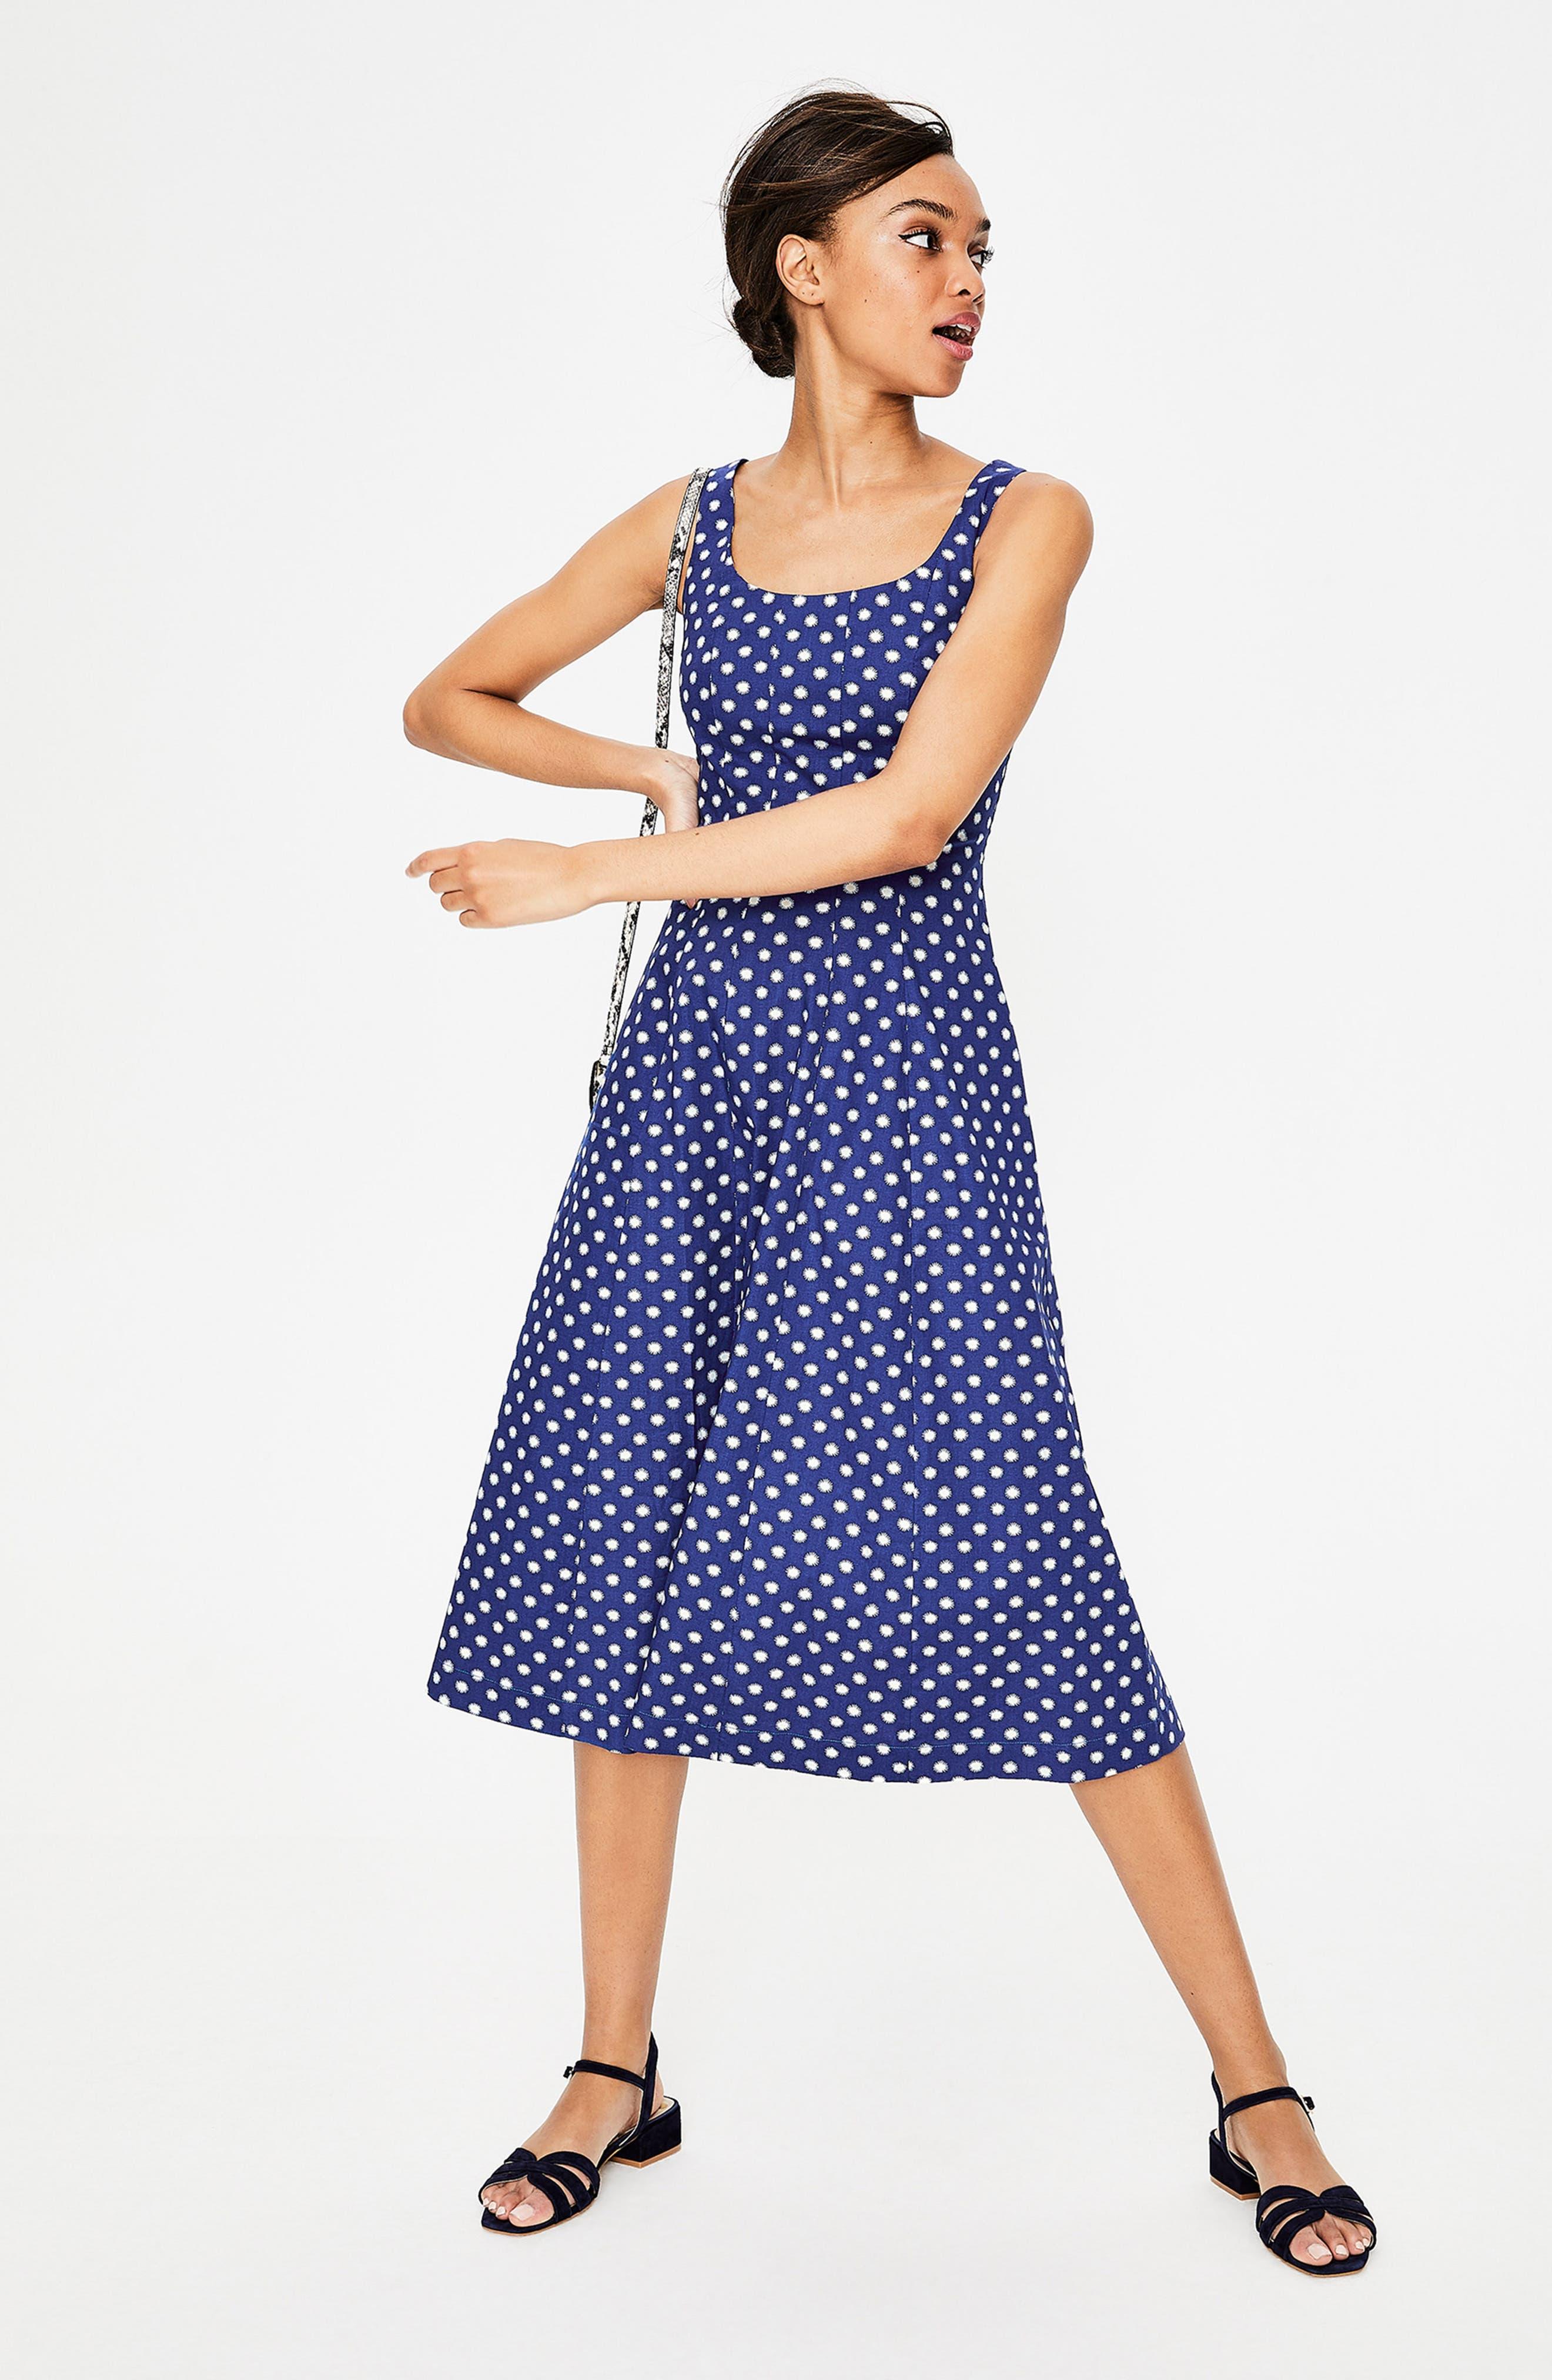 acc26e24f5 Women's Boden Dresses | Nordstrom